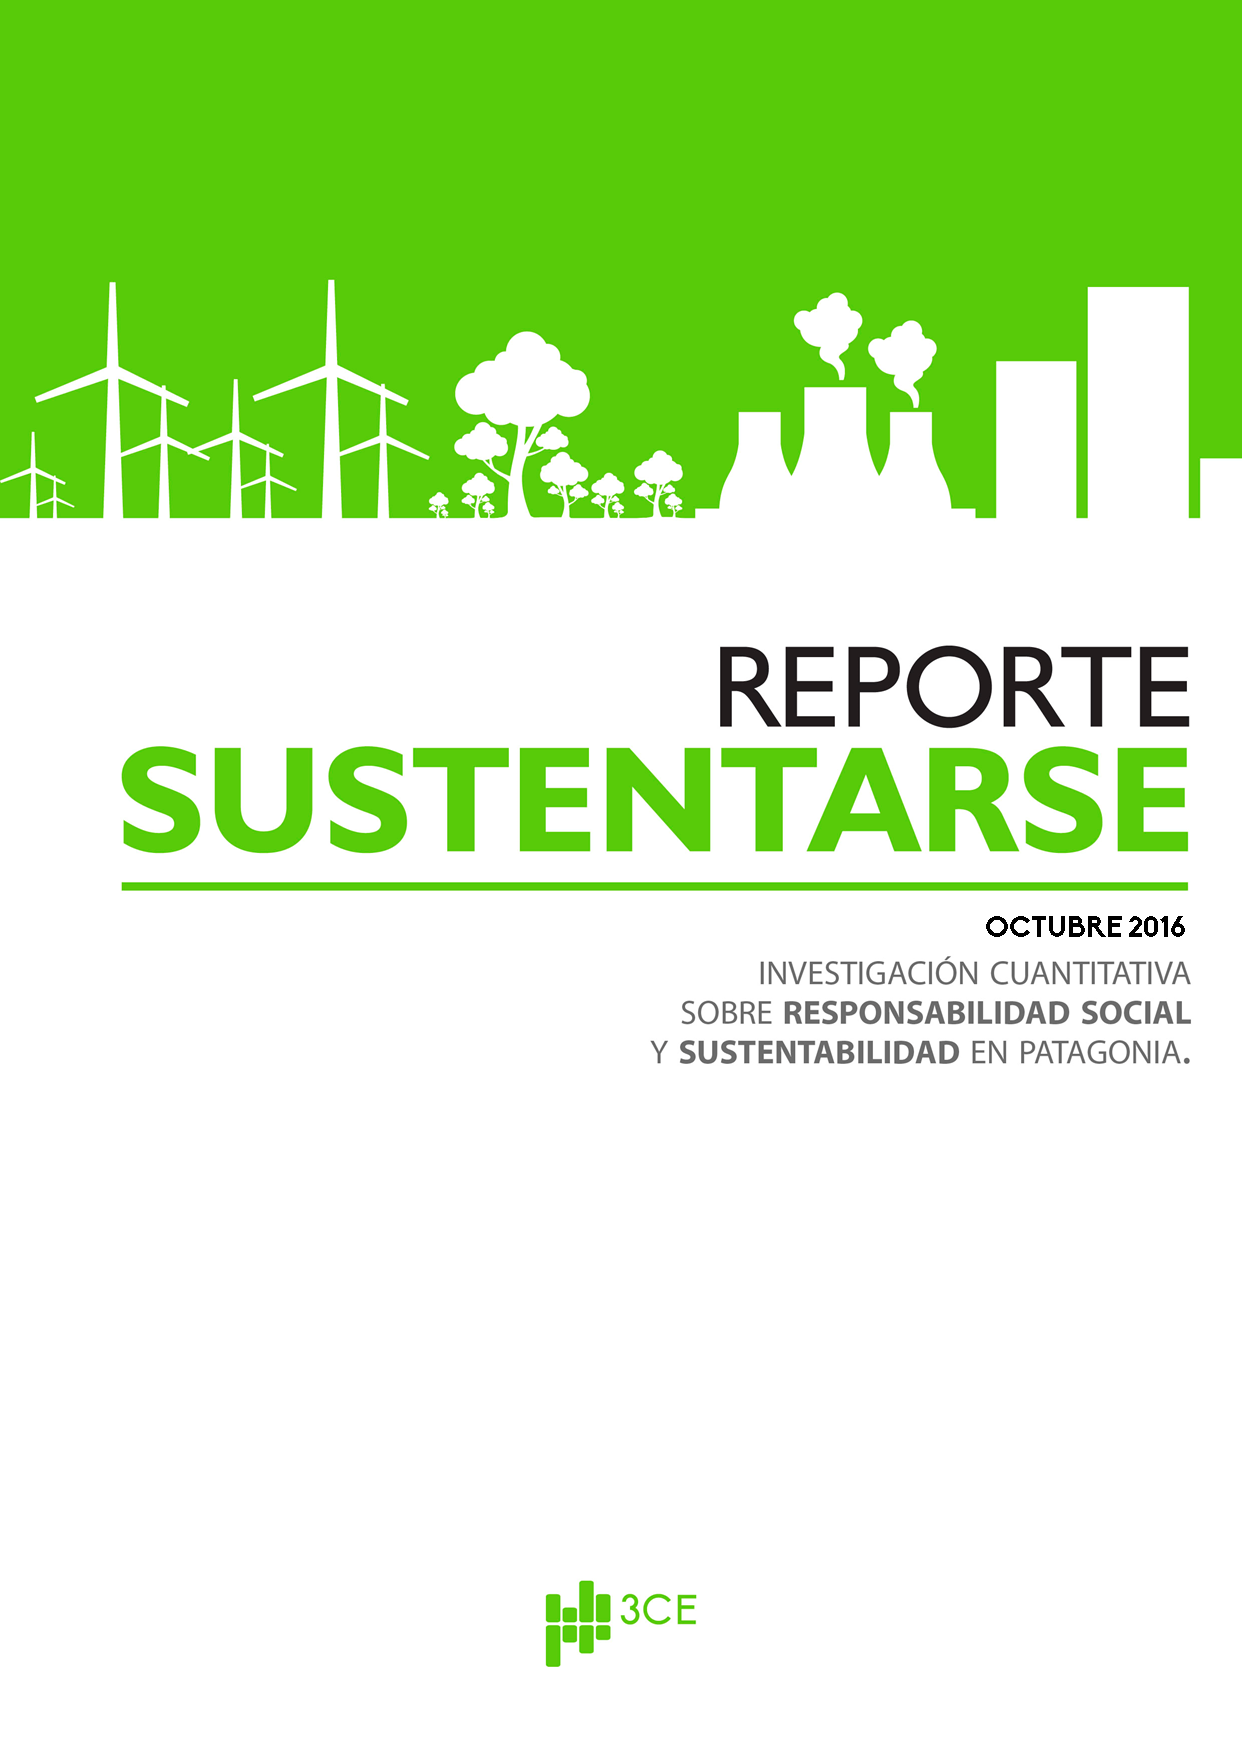 Investigación sobre RS / Sustentabilidad en Patagonia